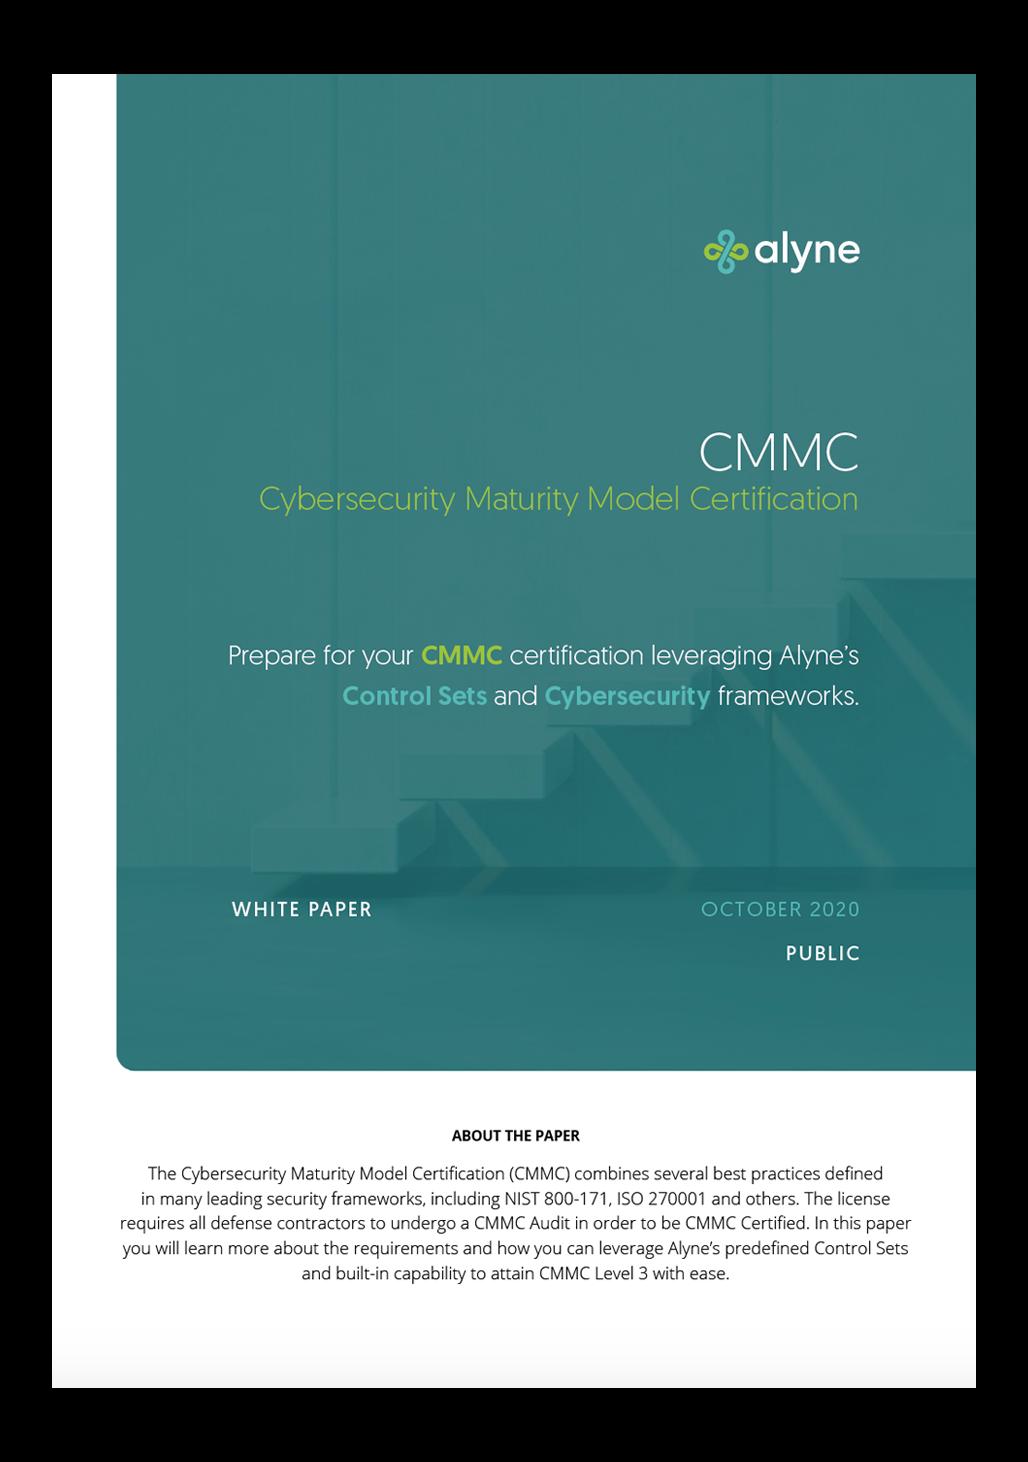 CMMC Paper Front